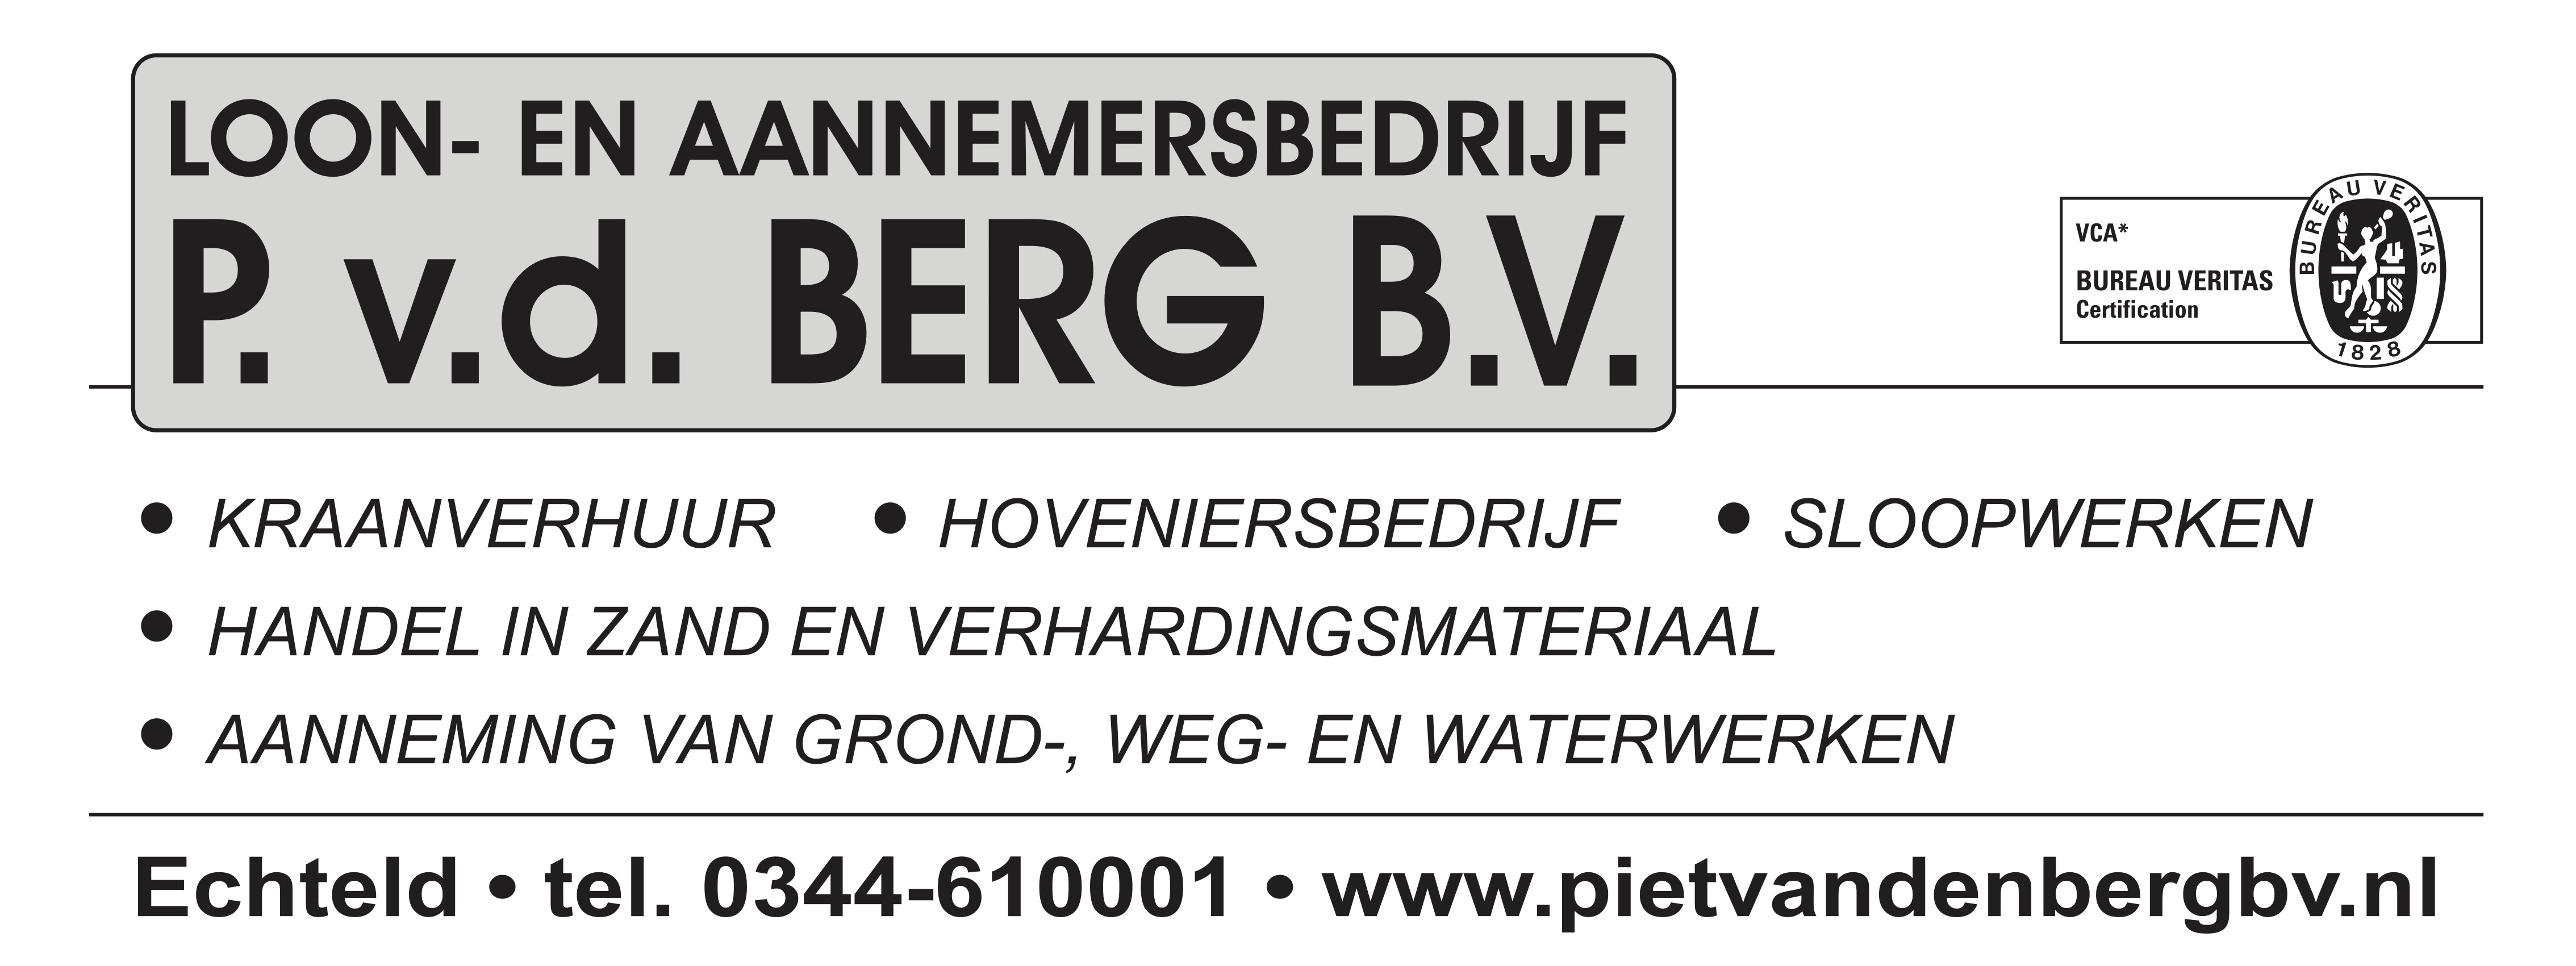 Piet van den Berg bv